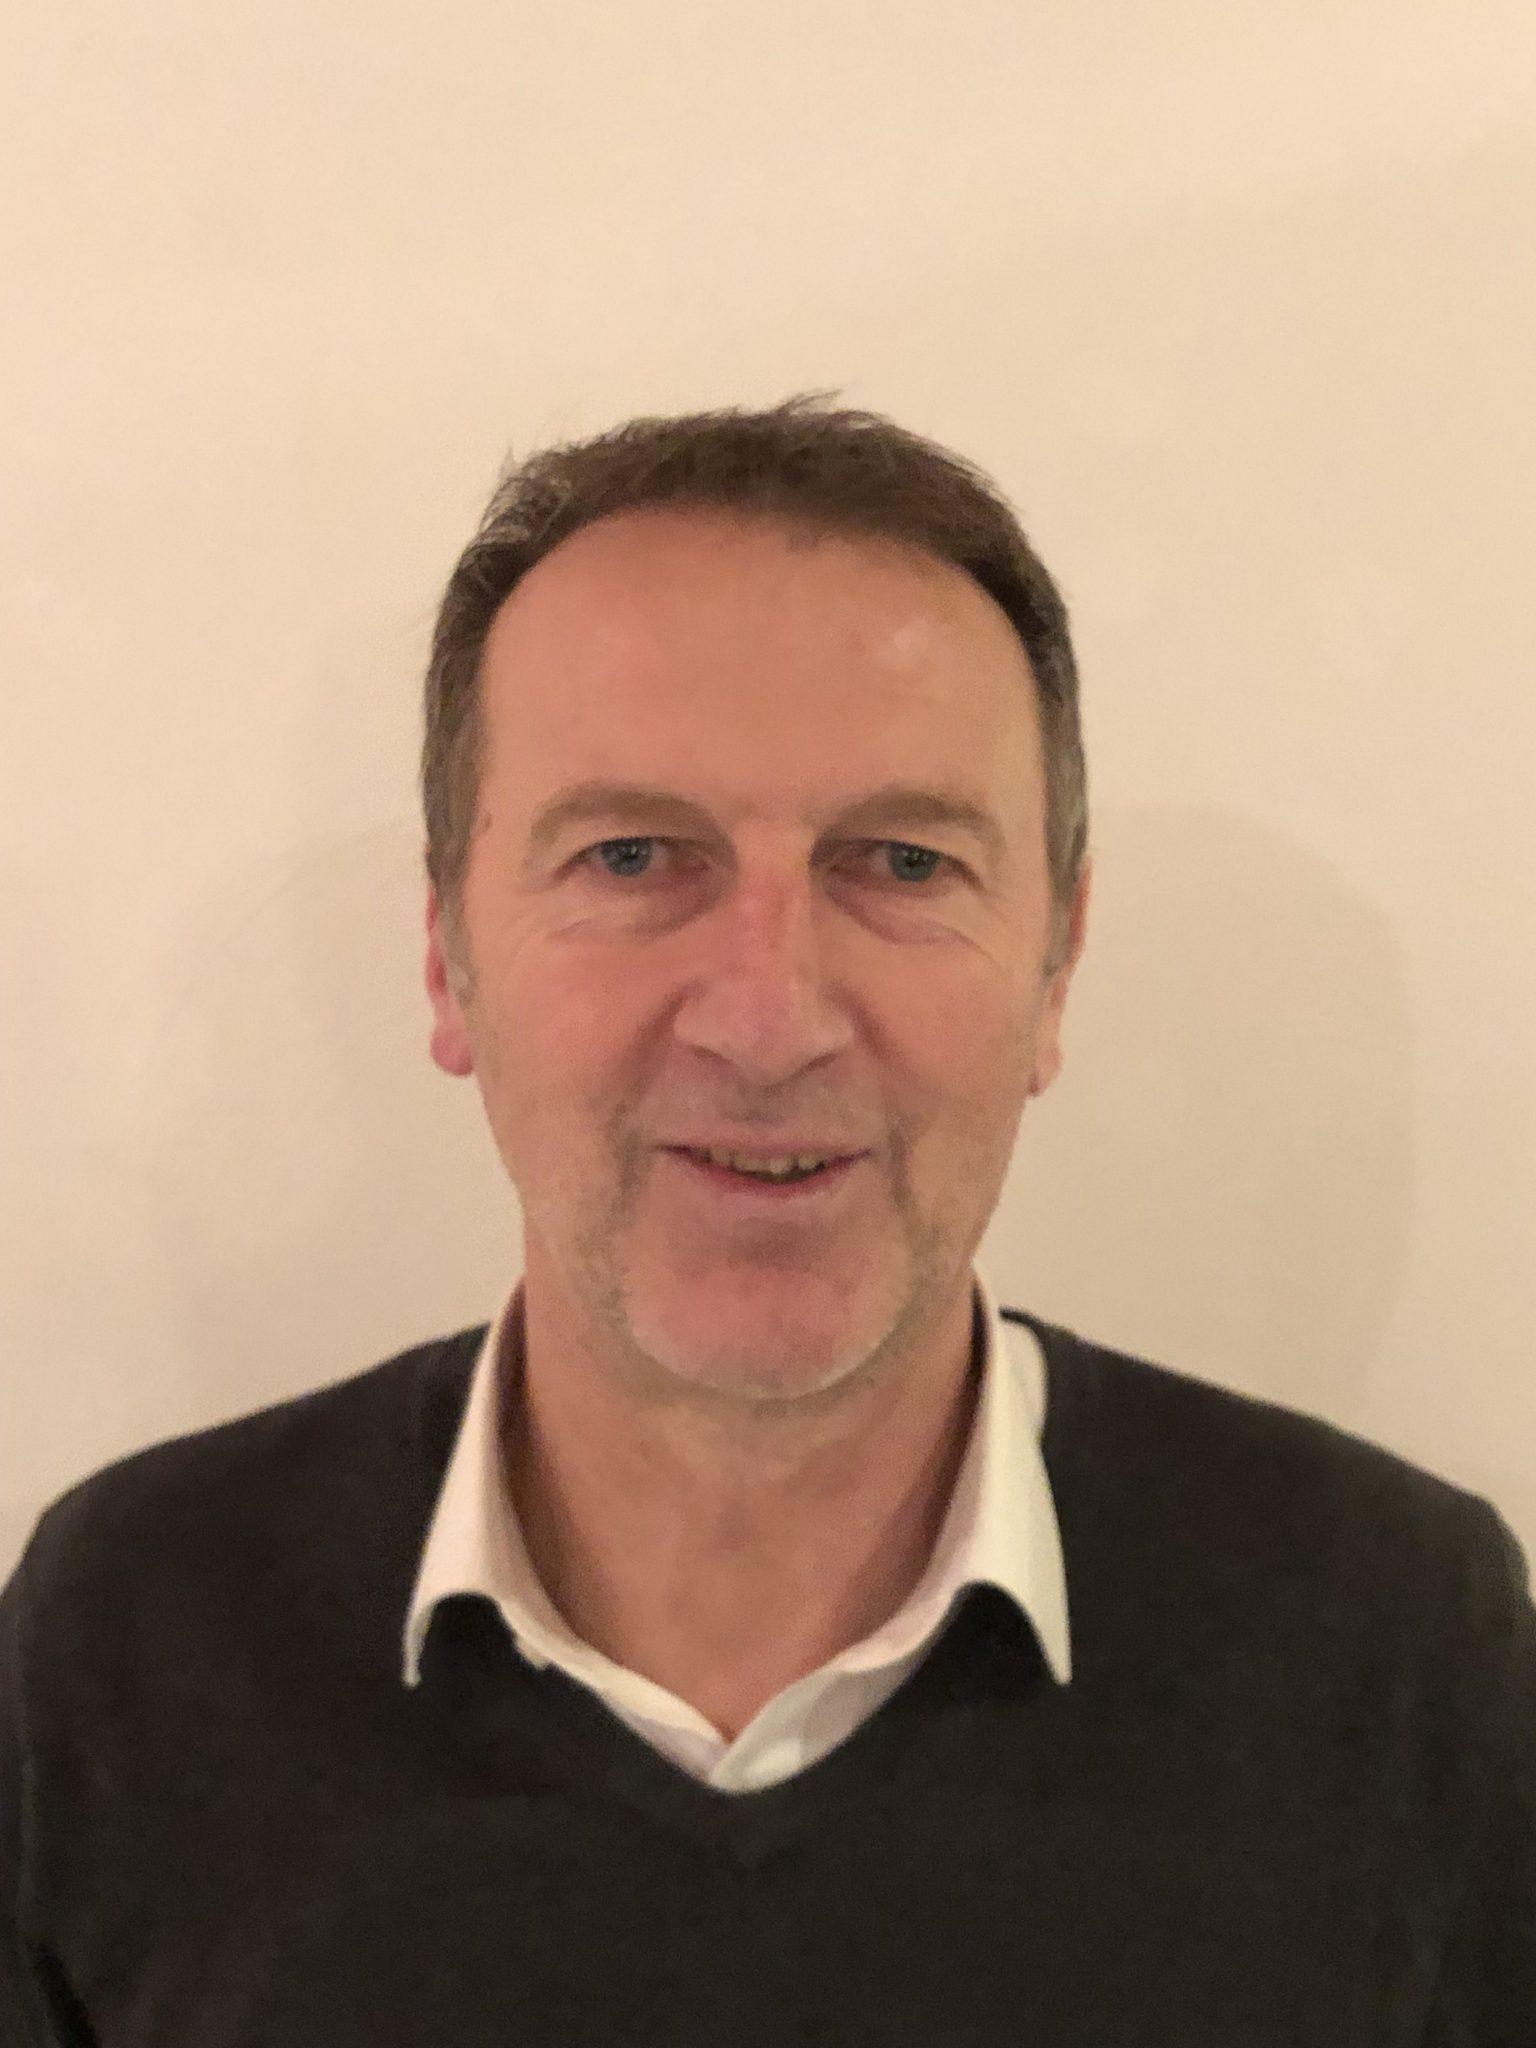 Roger Reiter neuer Trainer der 1. Mannschaft